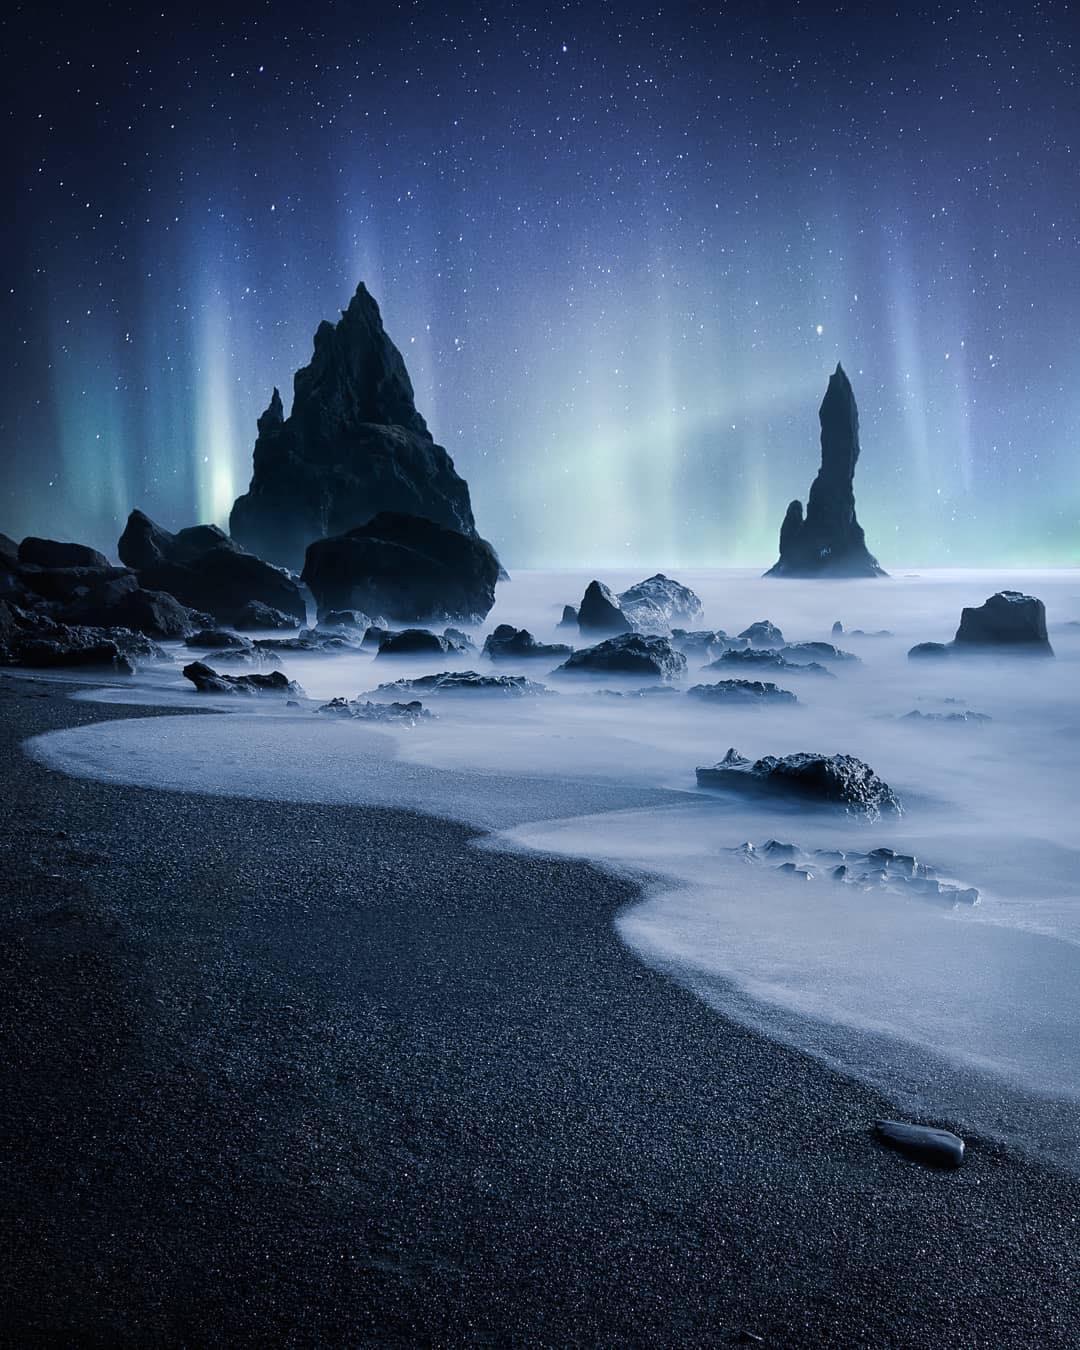 Khám phá bãi biển cát đen bí ẩn nổi tiếng thế giới - 4